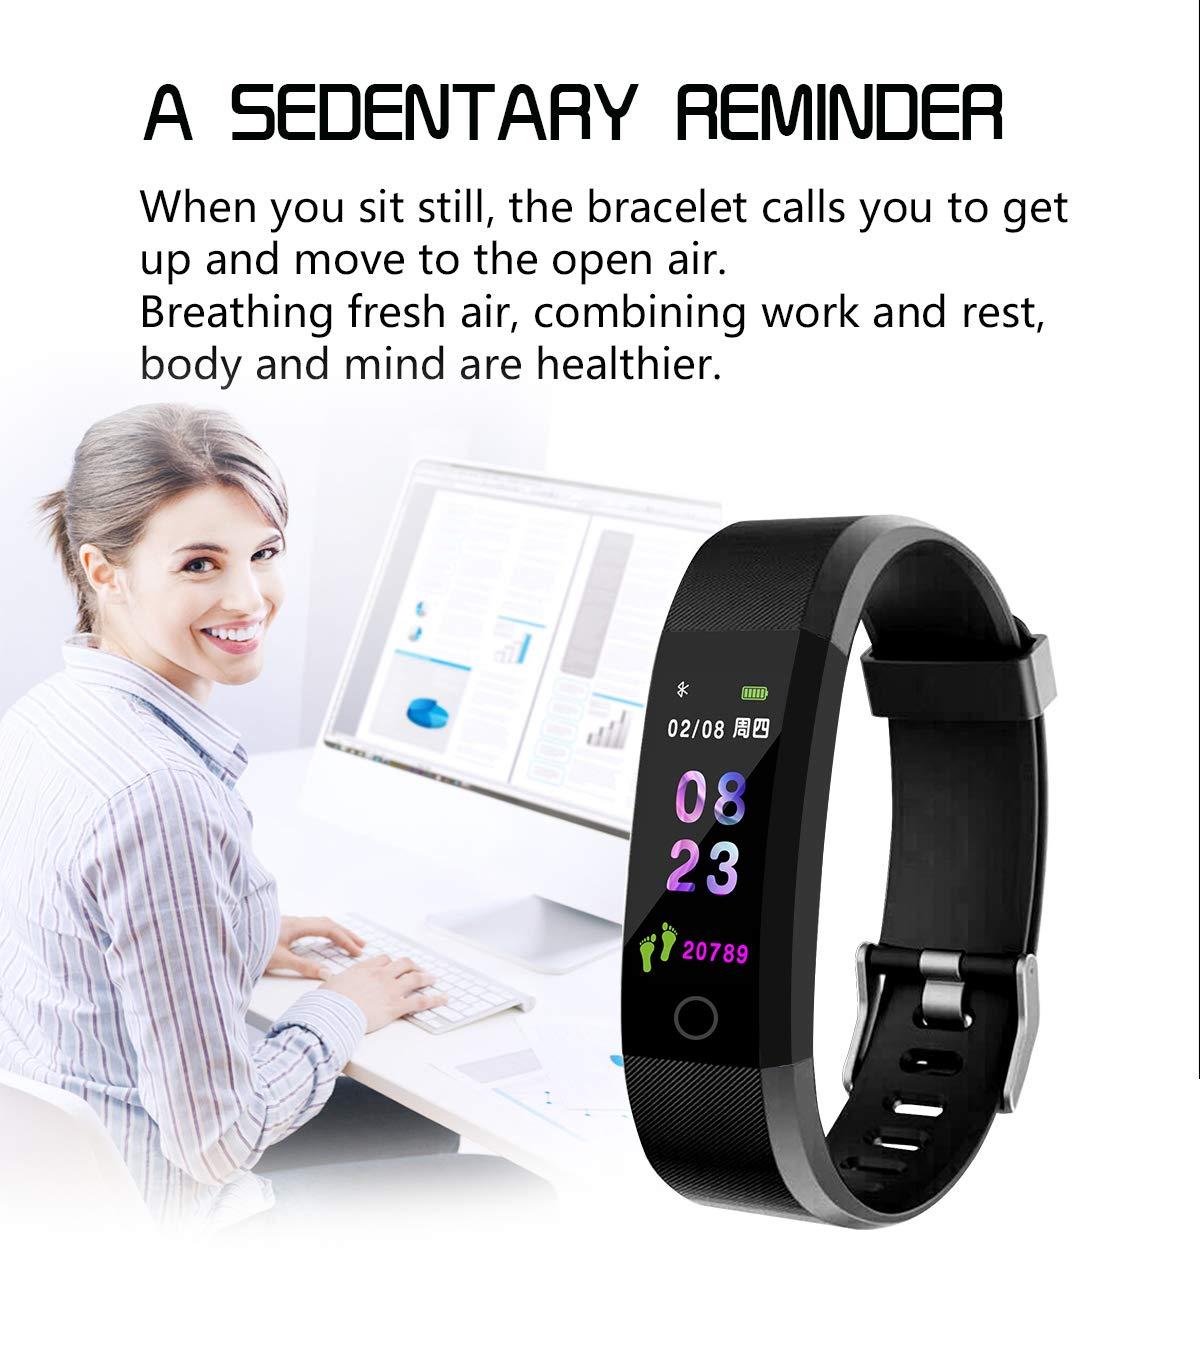 MENGZHEN 1 UNID ID115 Plus Monitor de Actividad del Ritmo cardíaco Pantalla táctil Usable Podómetro Bluetooth Pulsera Inteligente con Monitor de sueño 8